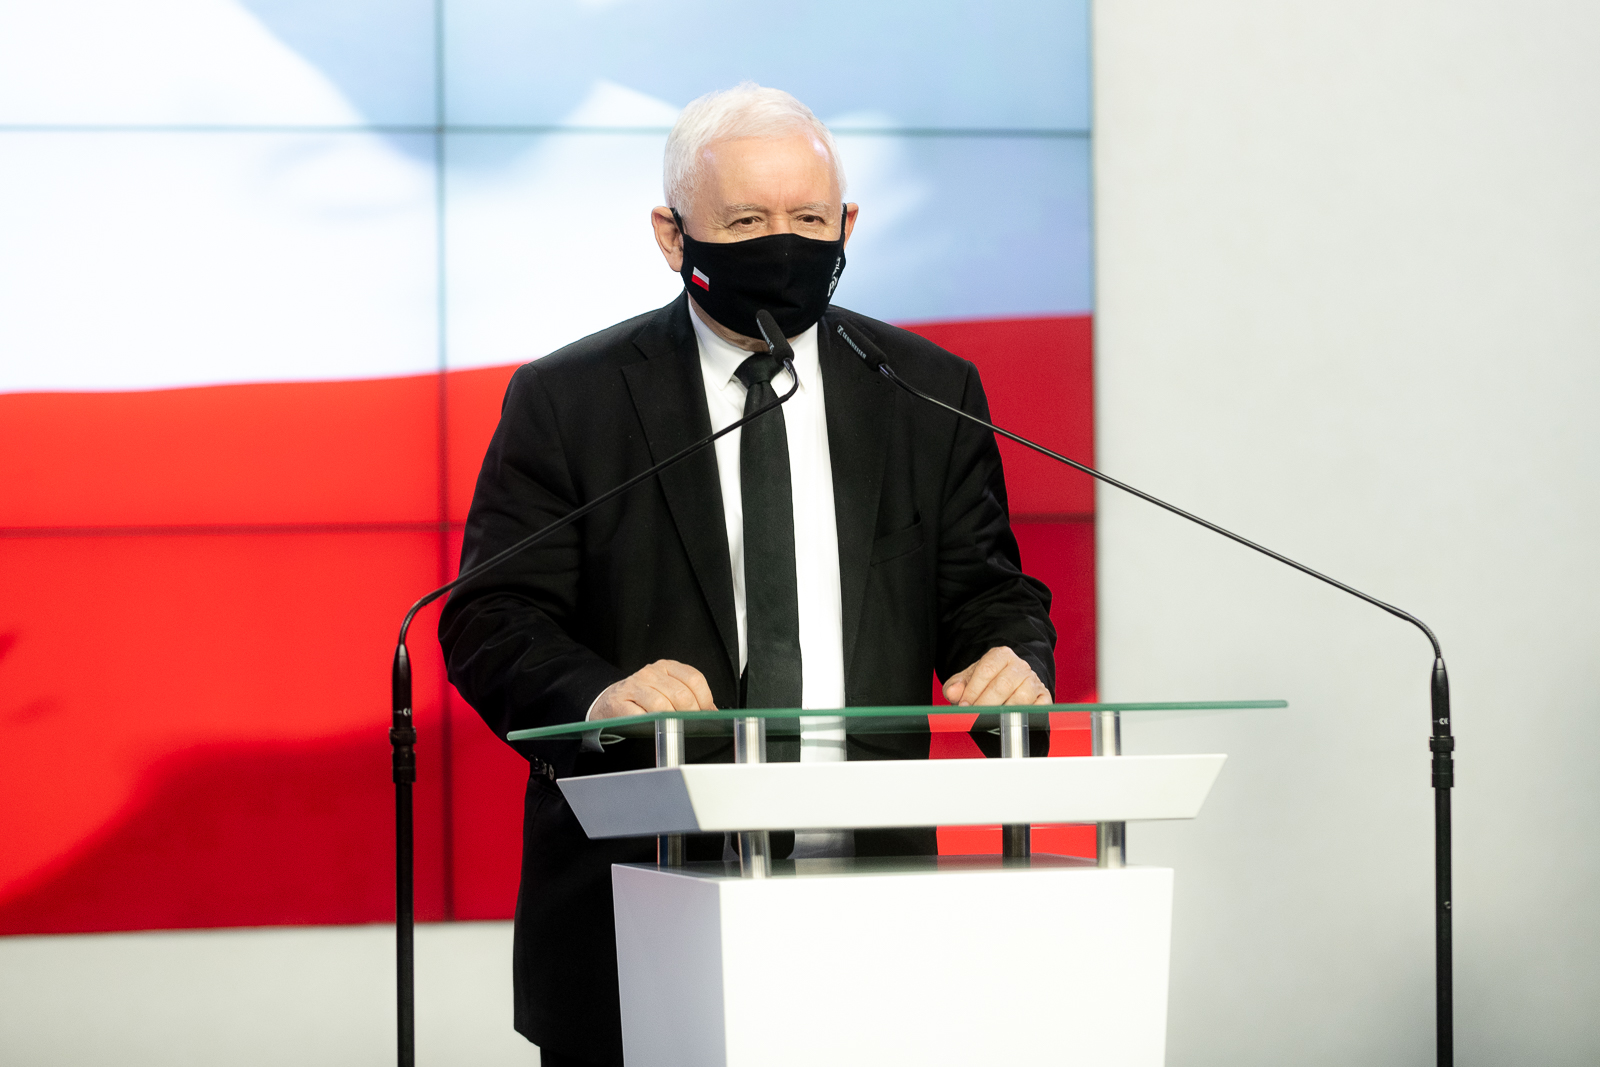 """Kaczyński: """"Zlikwidujemy Izbę Dyscyplinarną SN"""". Ma to skończyć spór z TSUE"""